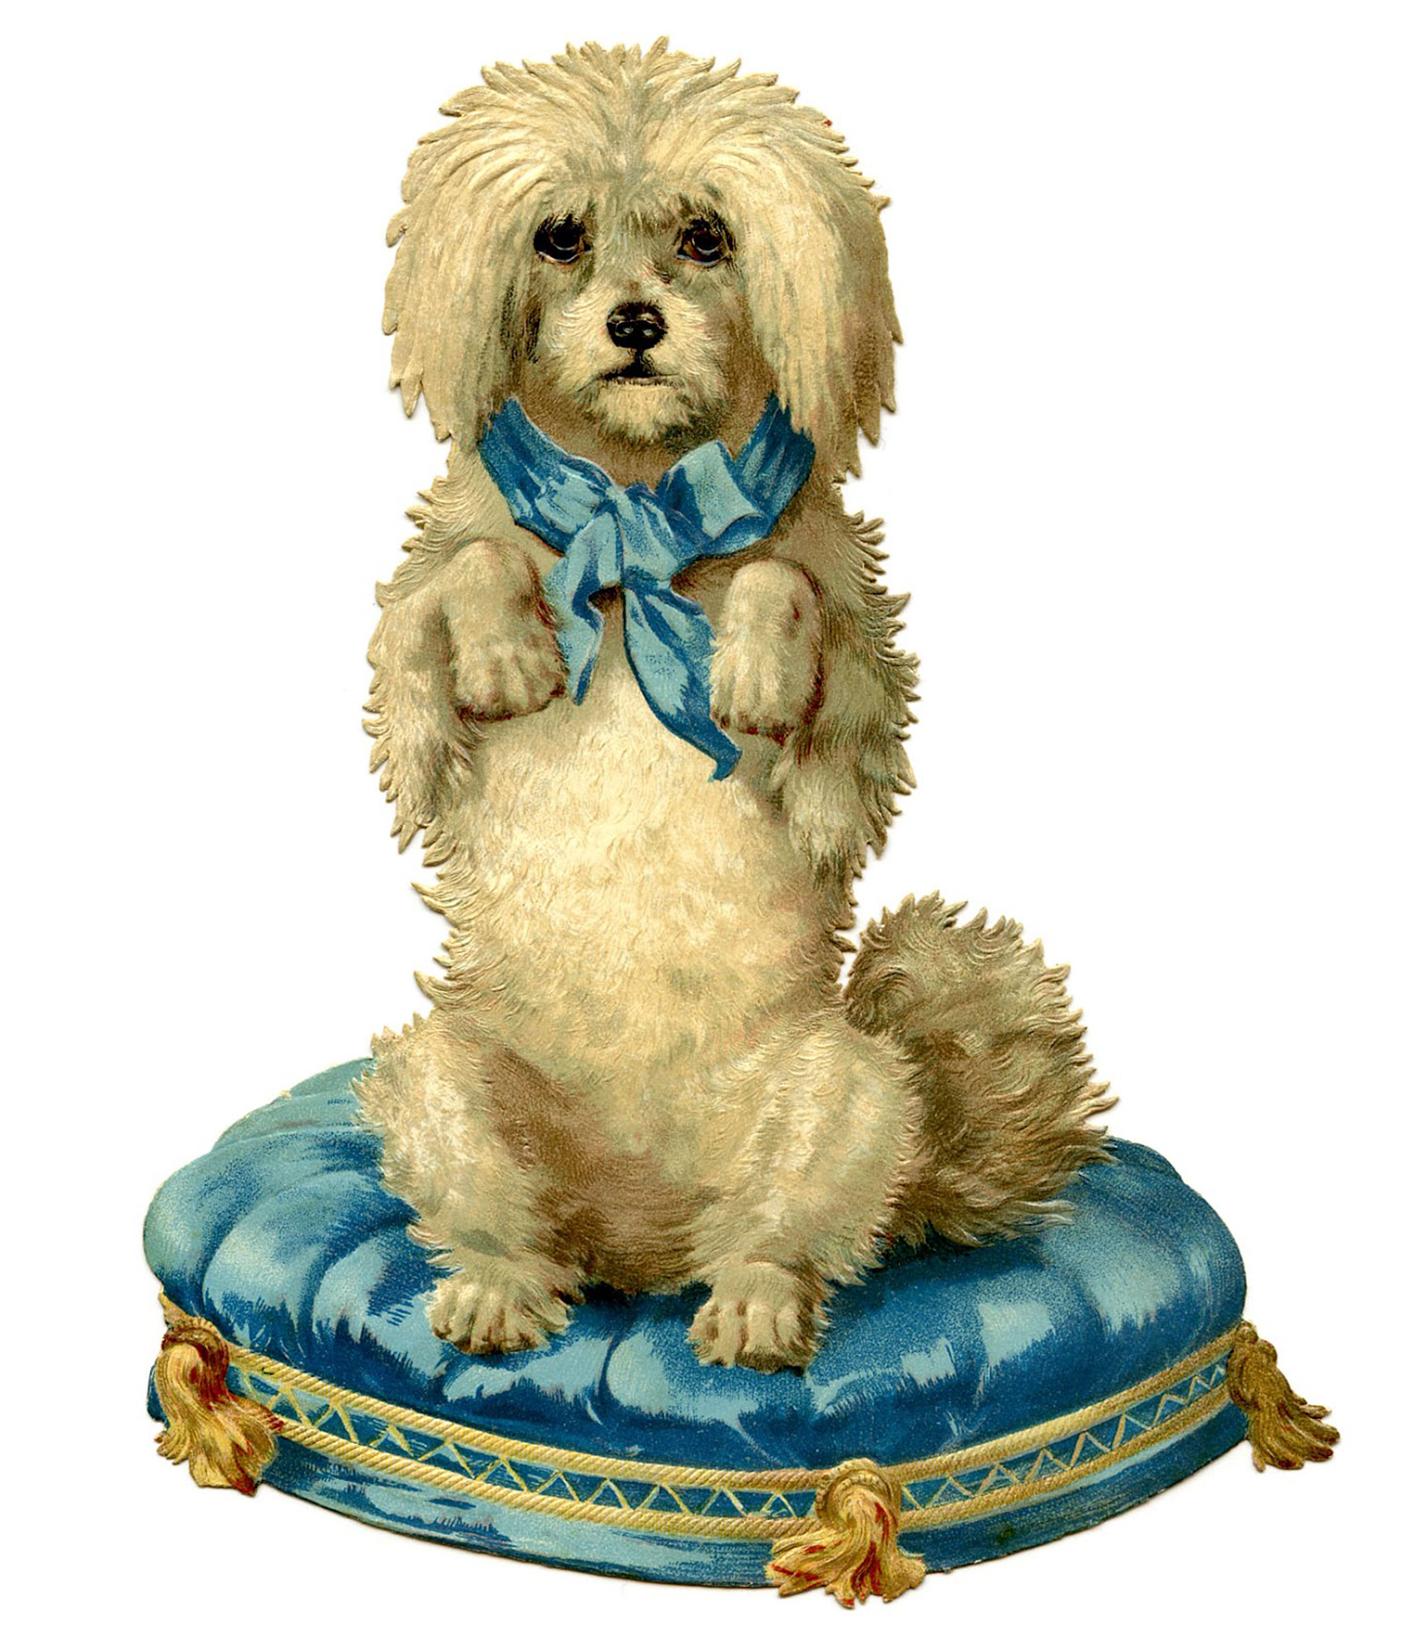 Dog-Cushion-Vintage-Image-GraphicsFairy